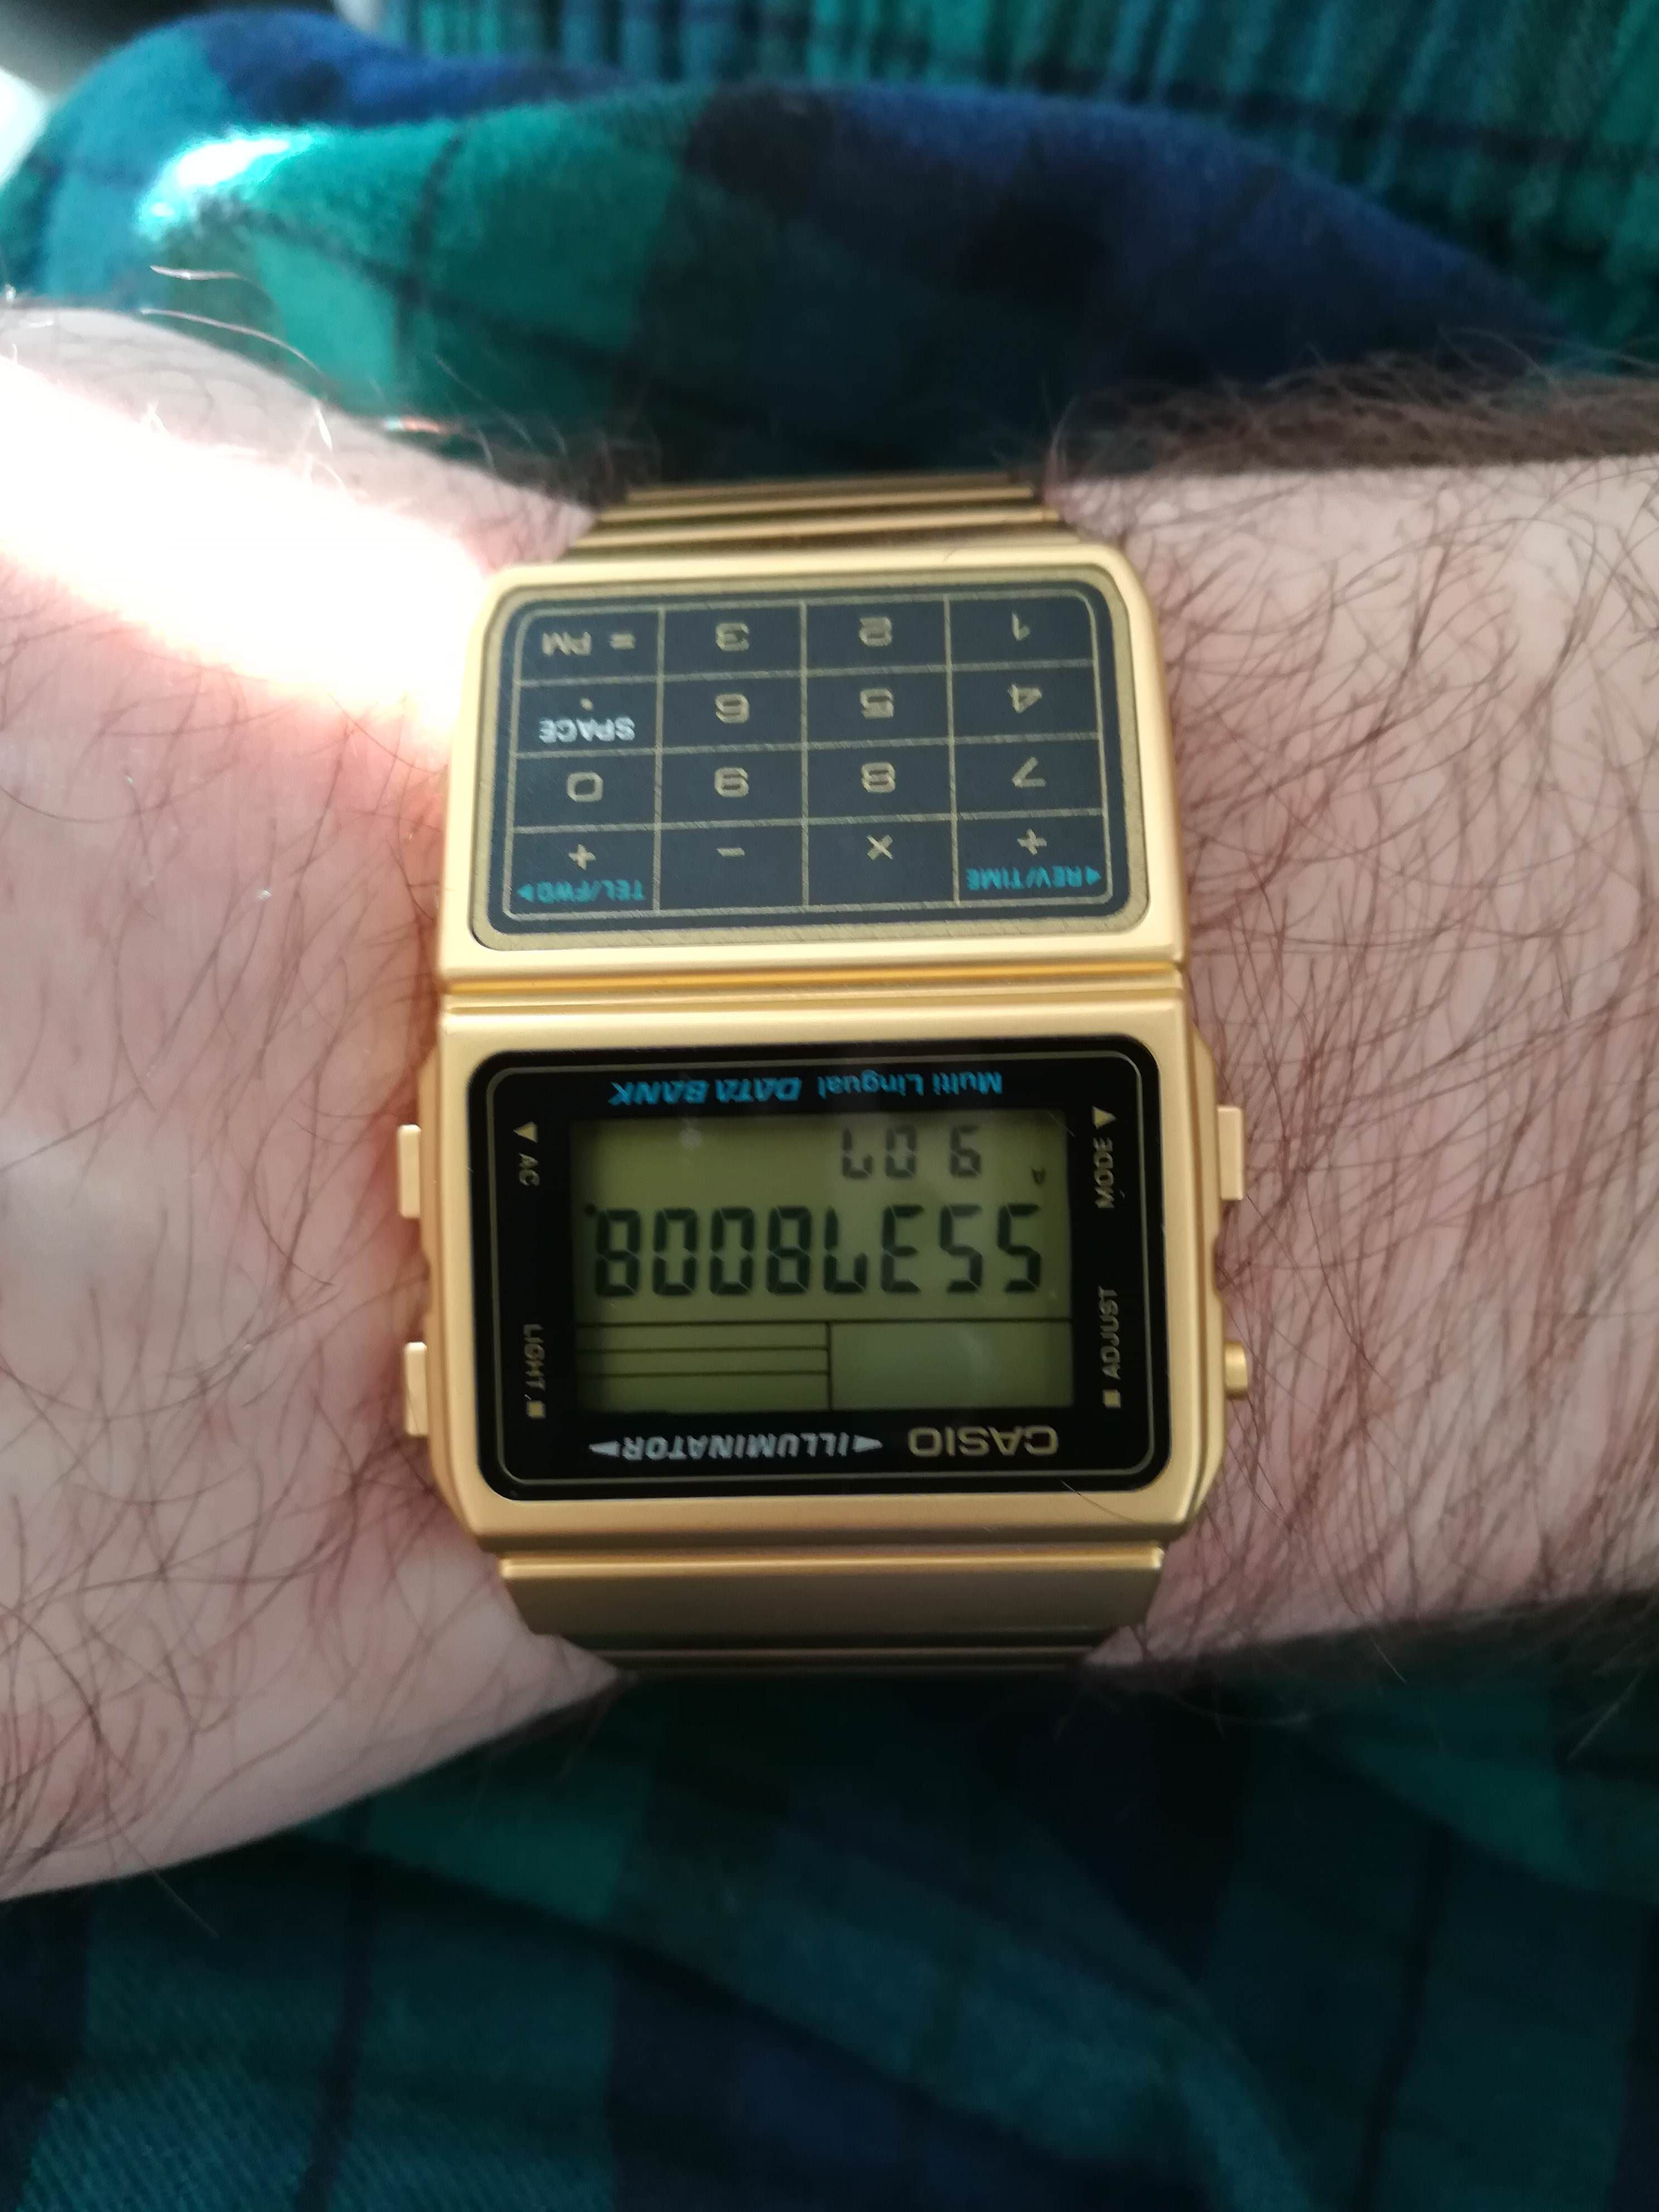 bc5c85854ff Pin de Luiz Gianelli em Relógio de pulso em 2019